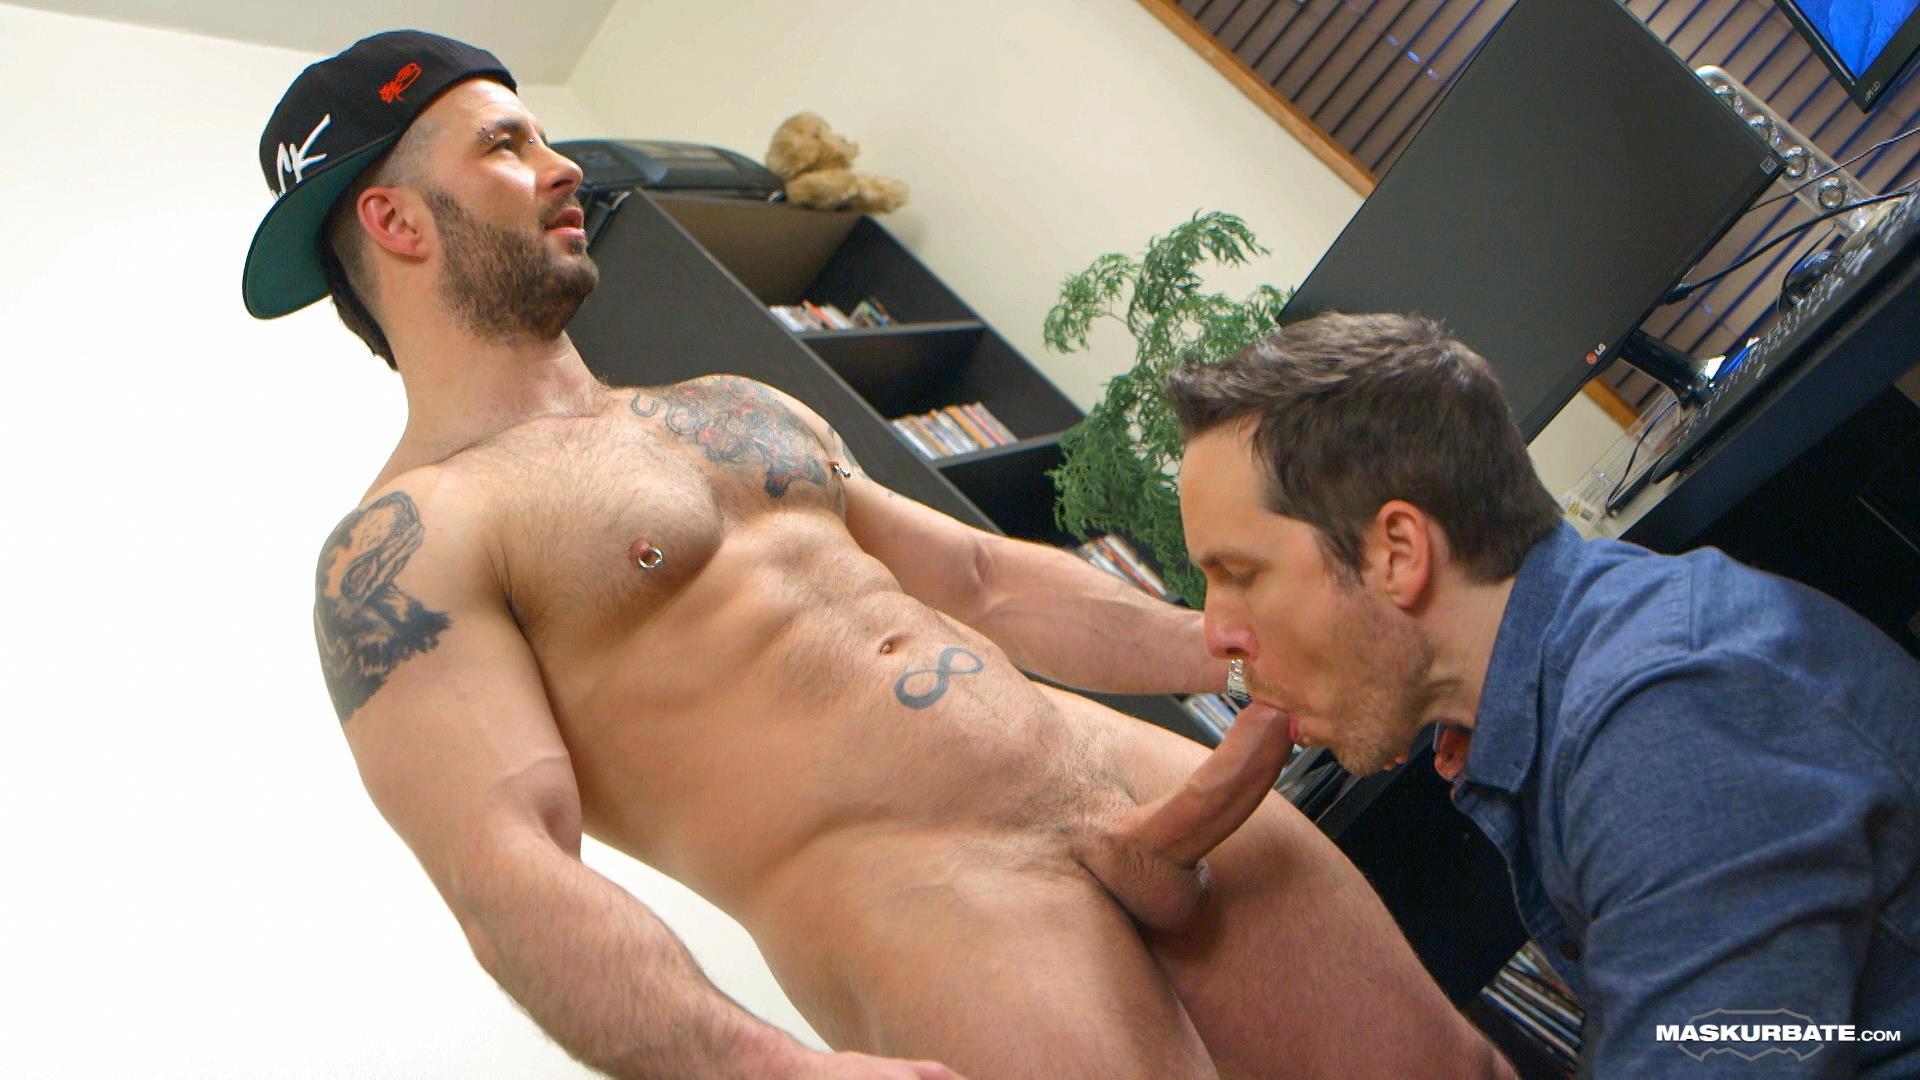 Maskurbate-Manuel-Deboxer-Gets-His-Big-Uncut-Cock-Sucked-Amateur-Gay-Porn-17 Manuel Deboxer Gets His Big Uncut Cock Sucked Off